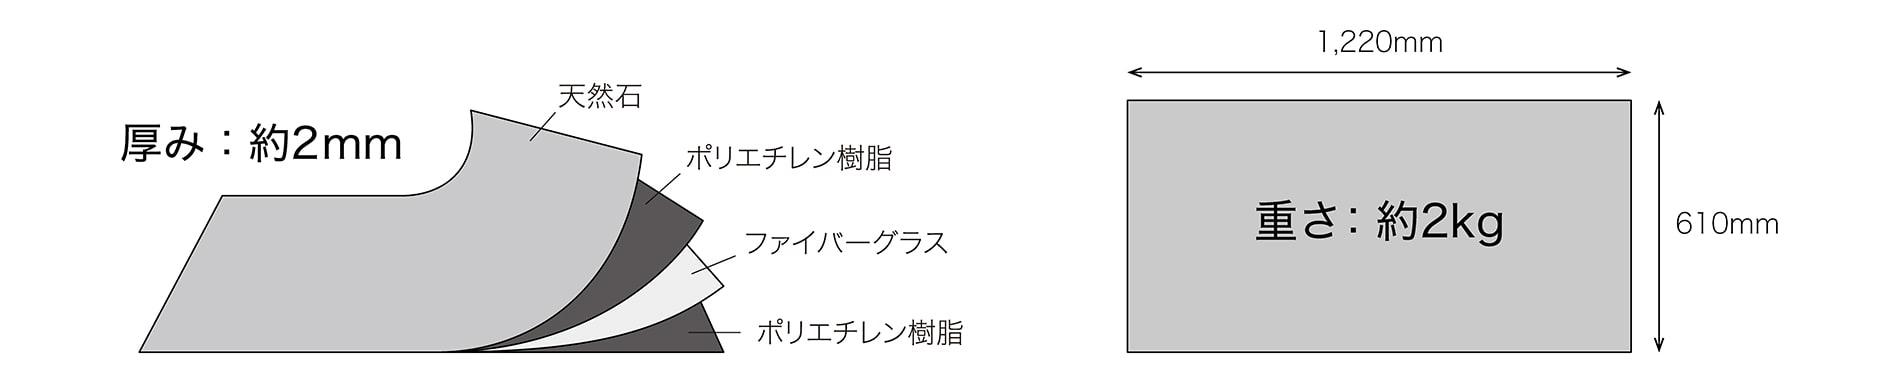 ストーンスタイル詳細図